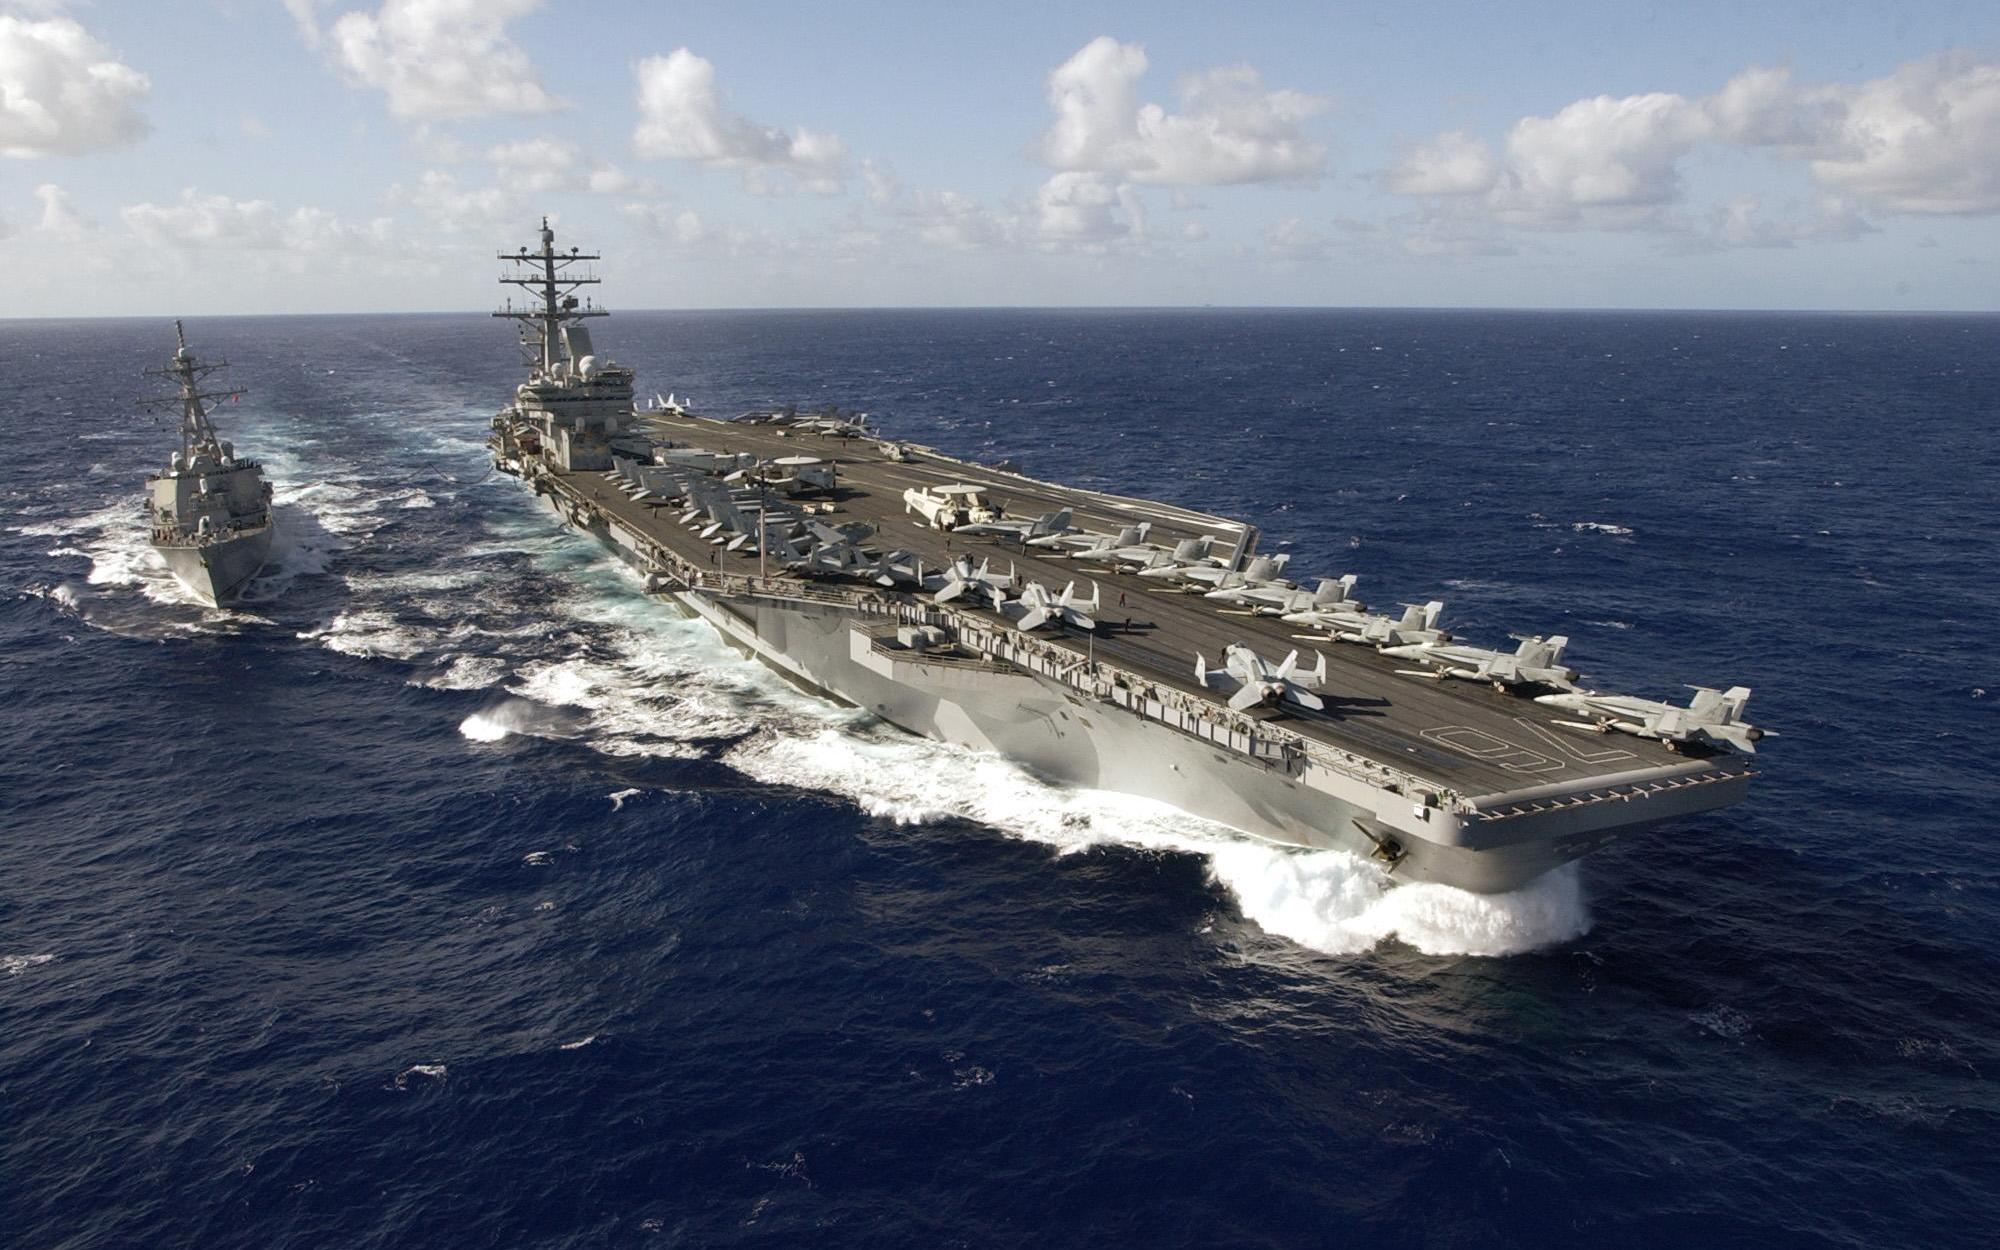 美军舰再闯中国南海,中国如何应对?解放军早已严阵以待